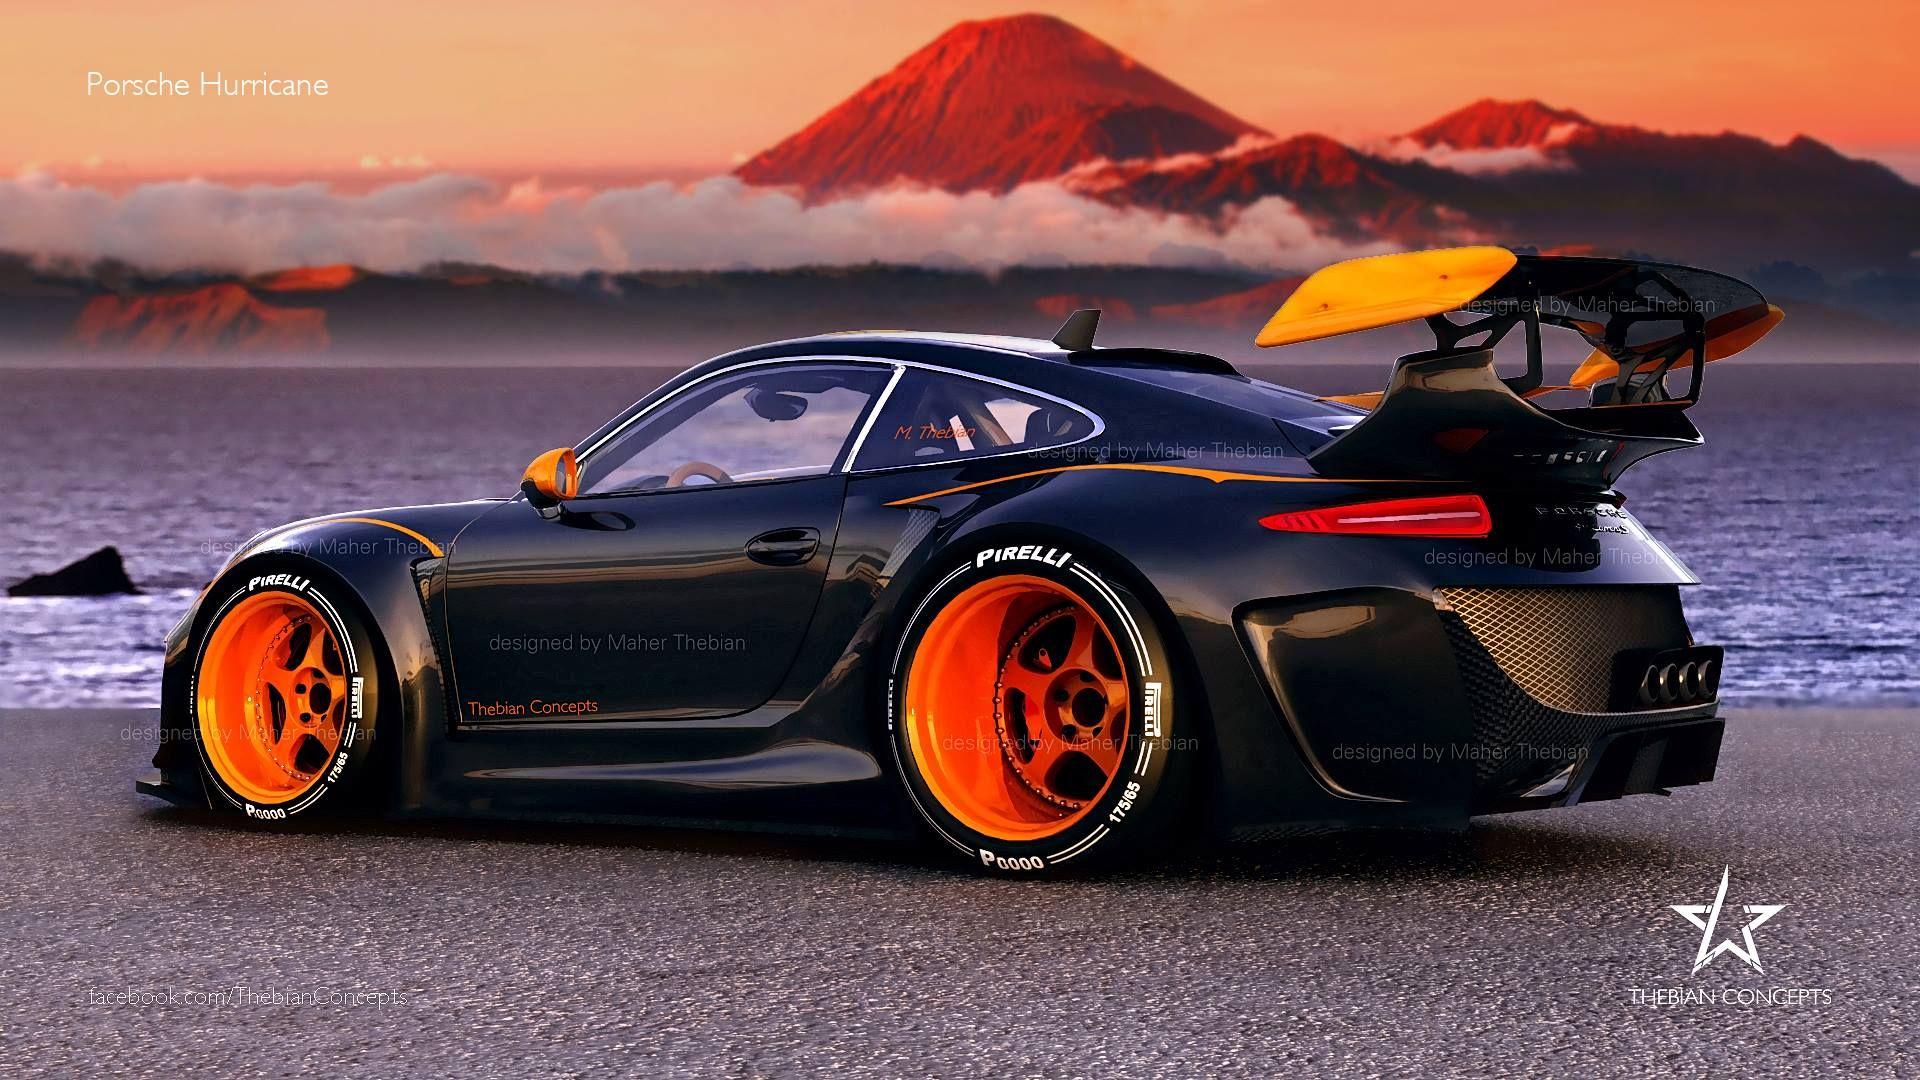 Porsche Hurricane Le Mans Gt Racer For The Season